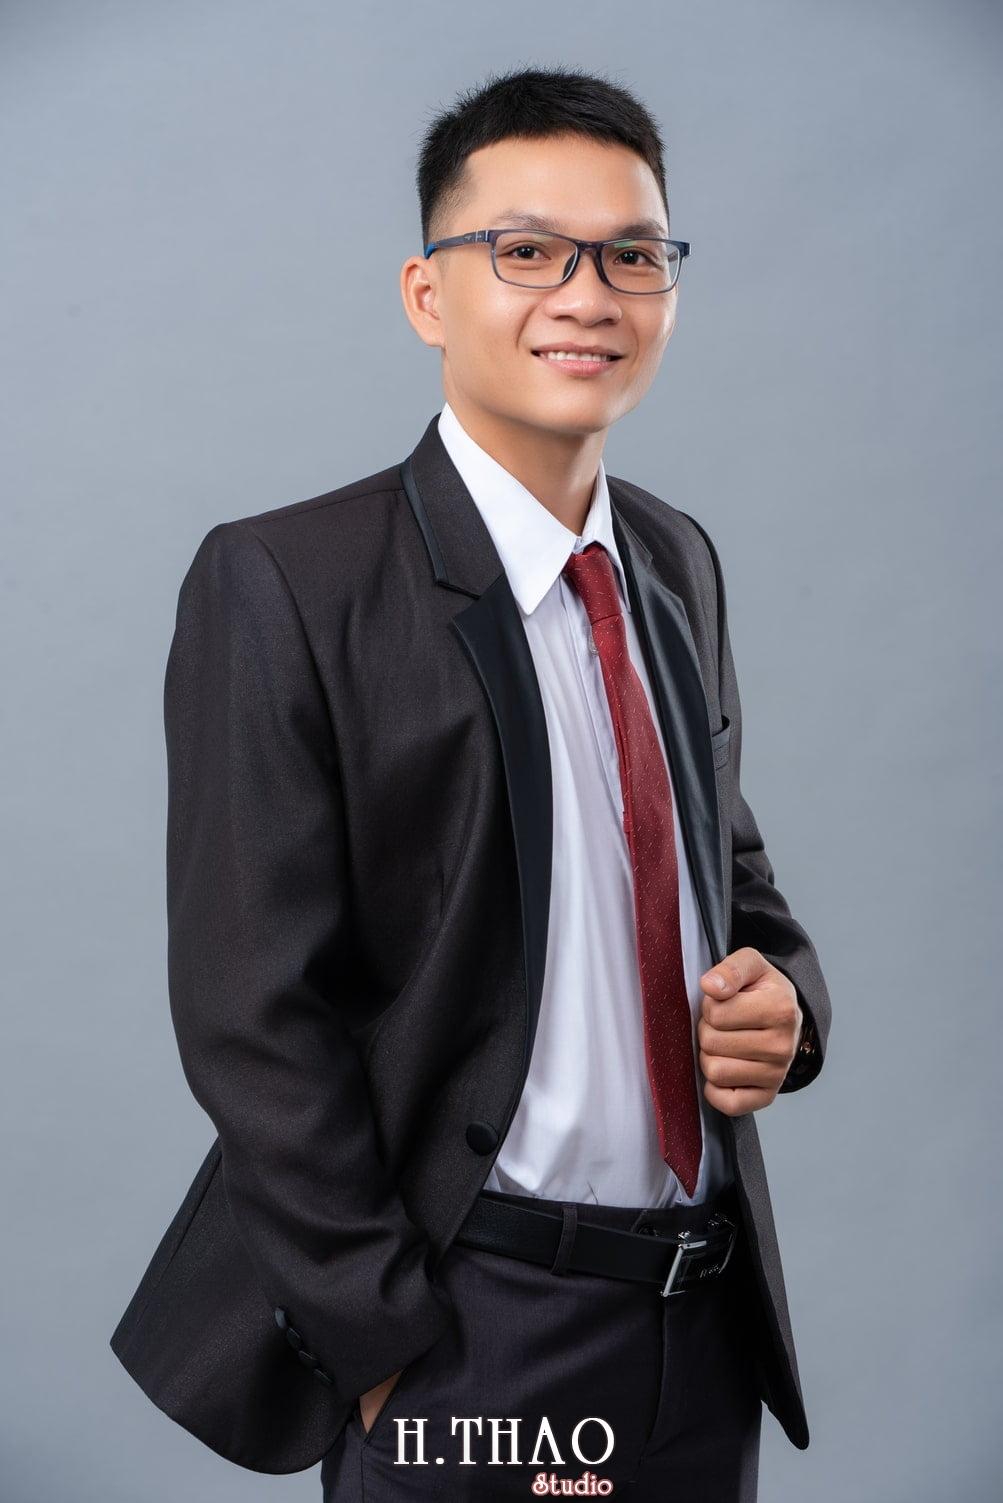 Profile wefinex 4 - Báo giá chụp ảnh cá nhân